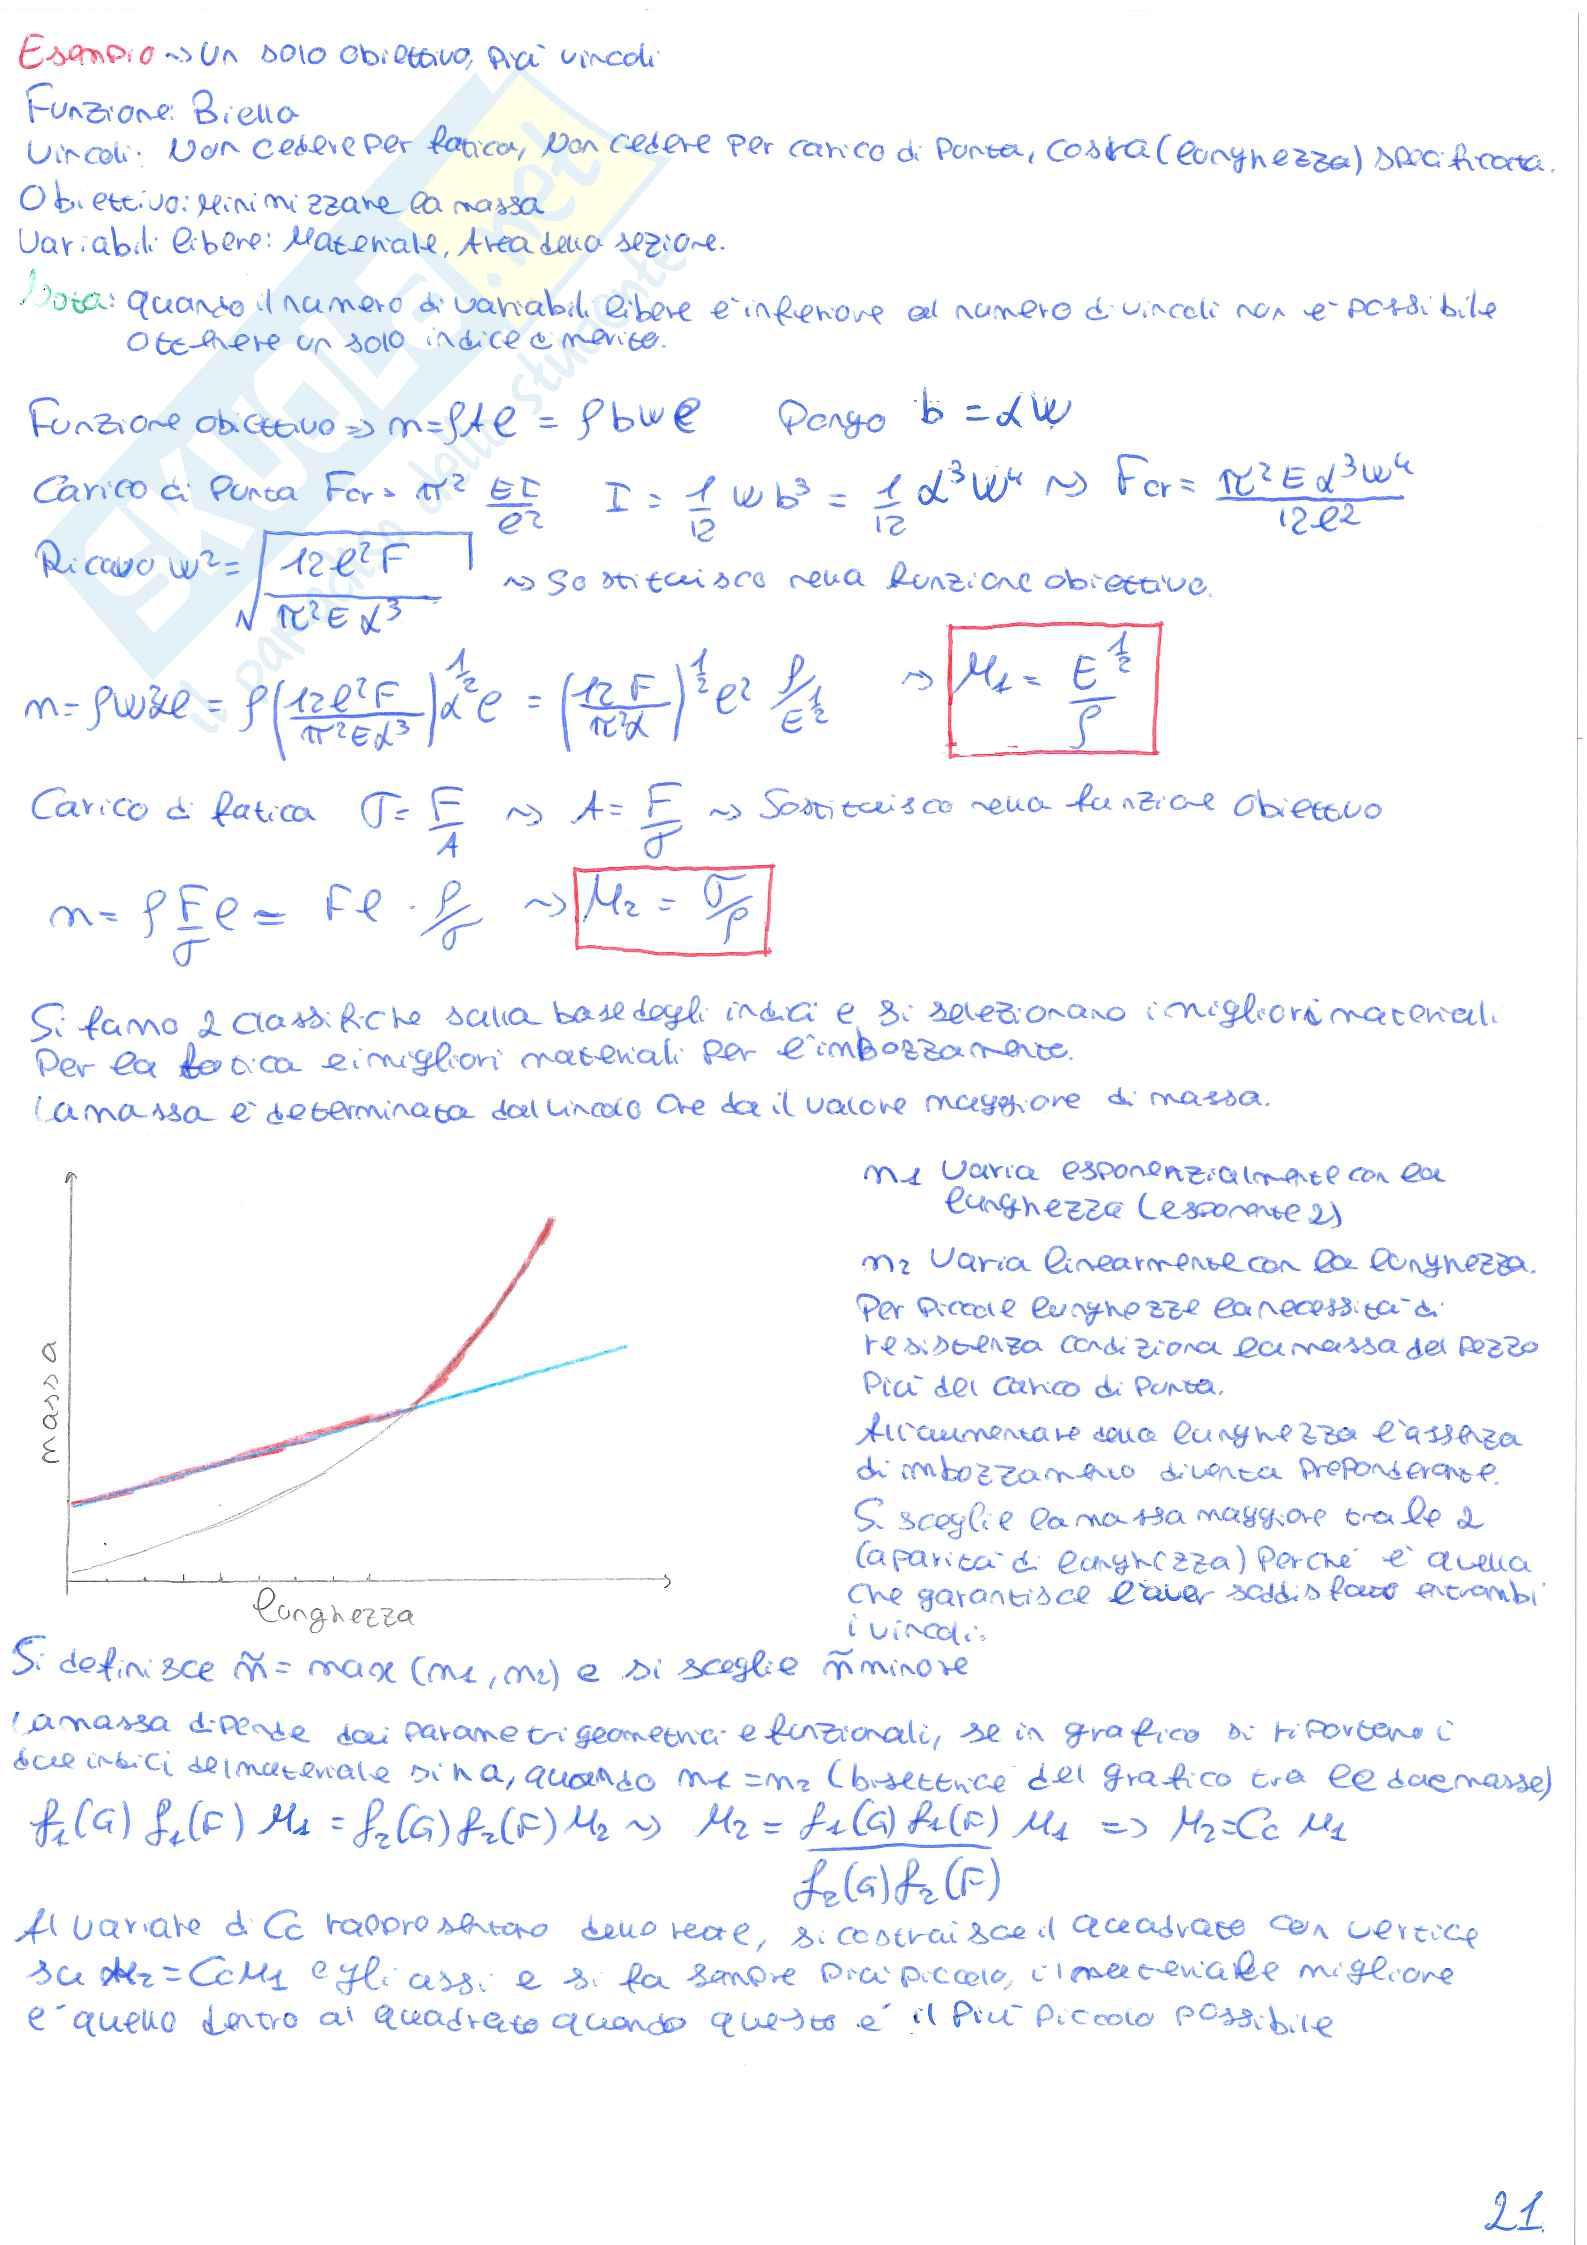 Comportamento Meccanico dei Materiali Pag. 21